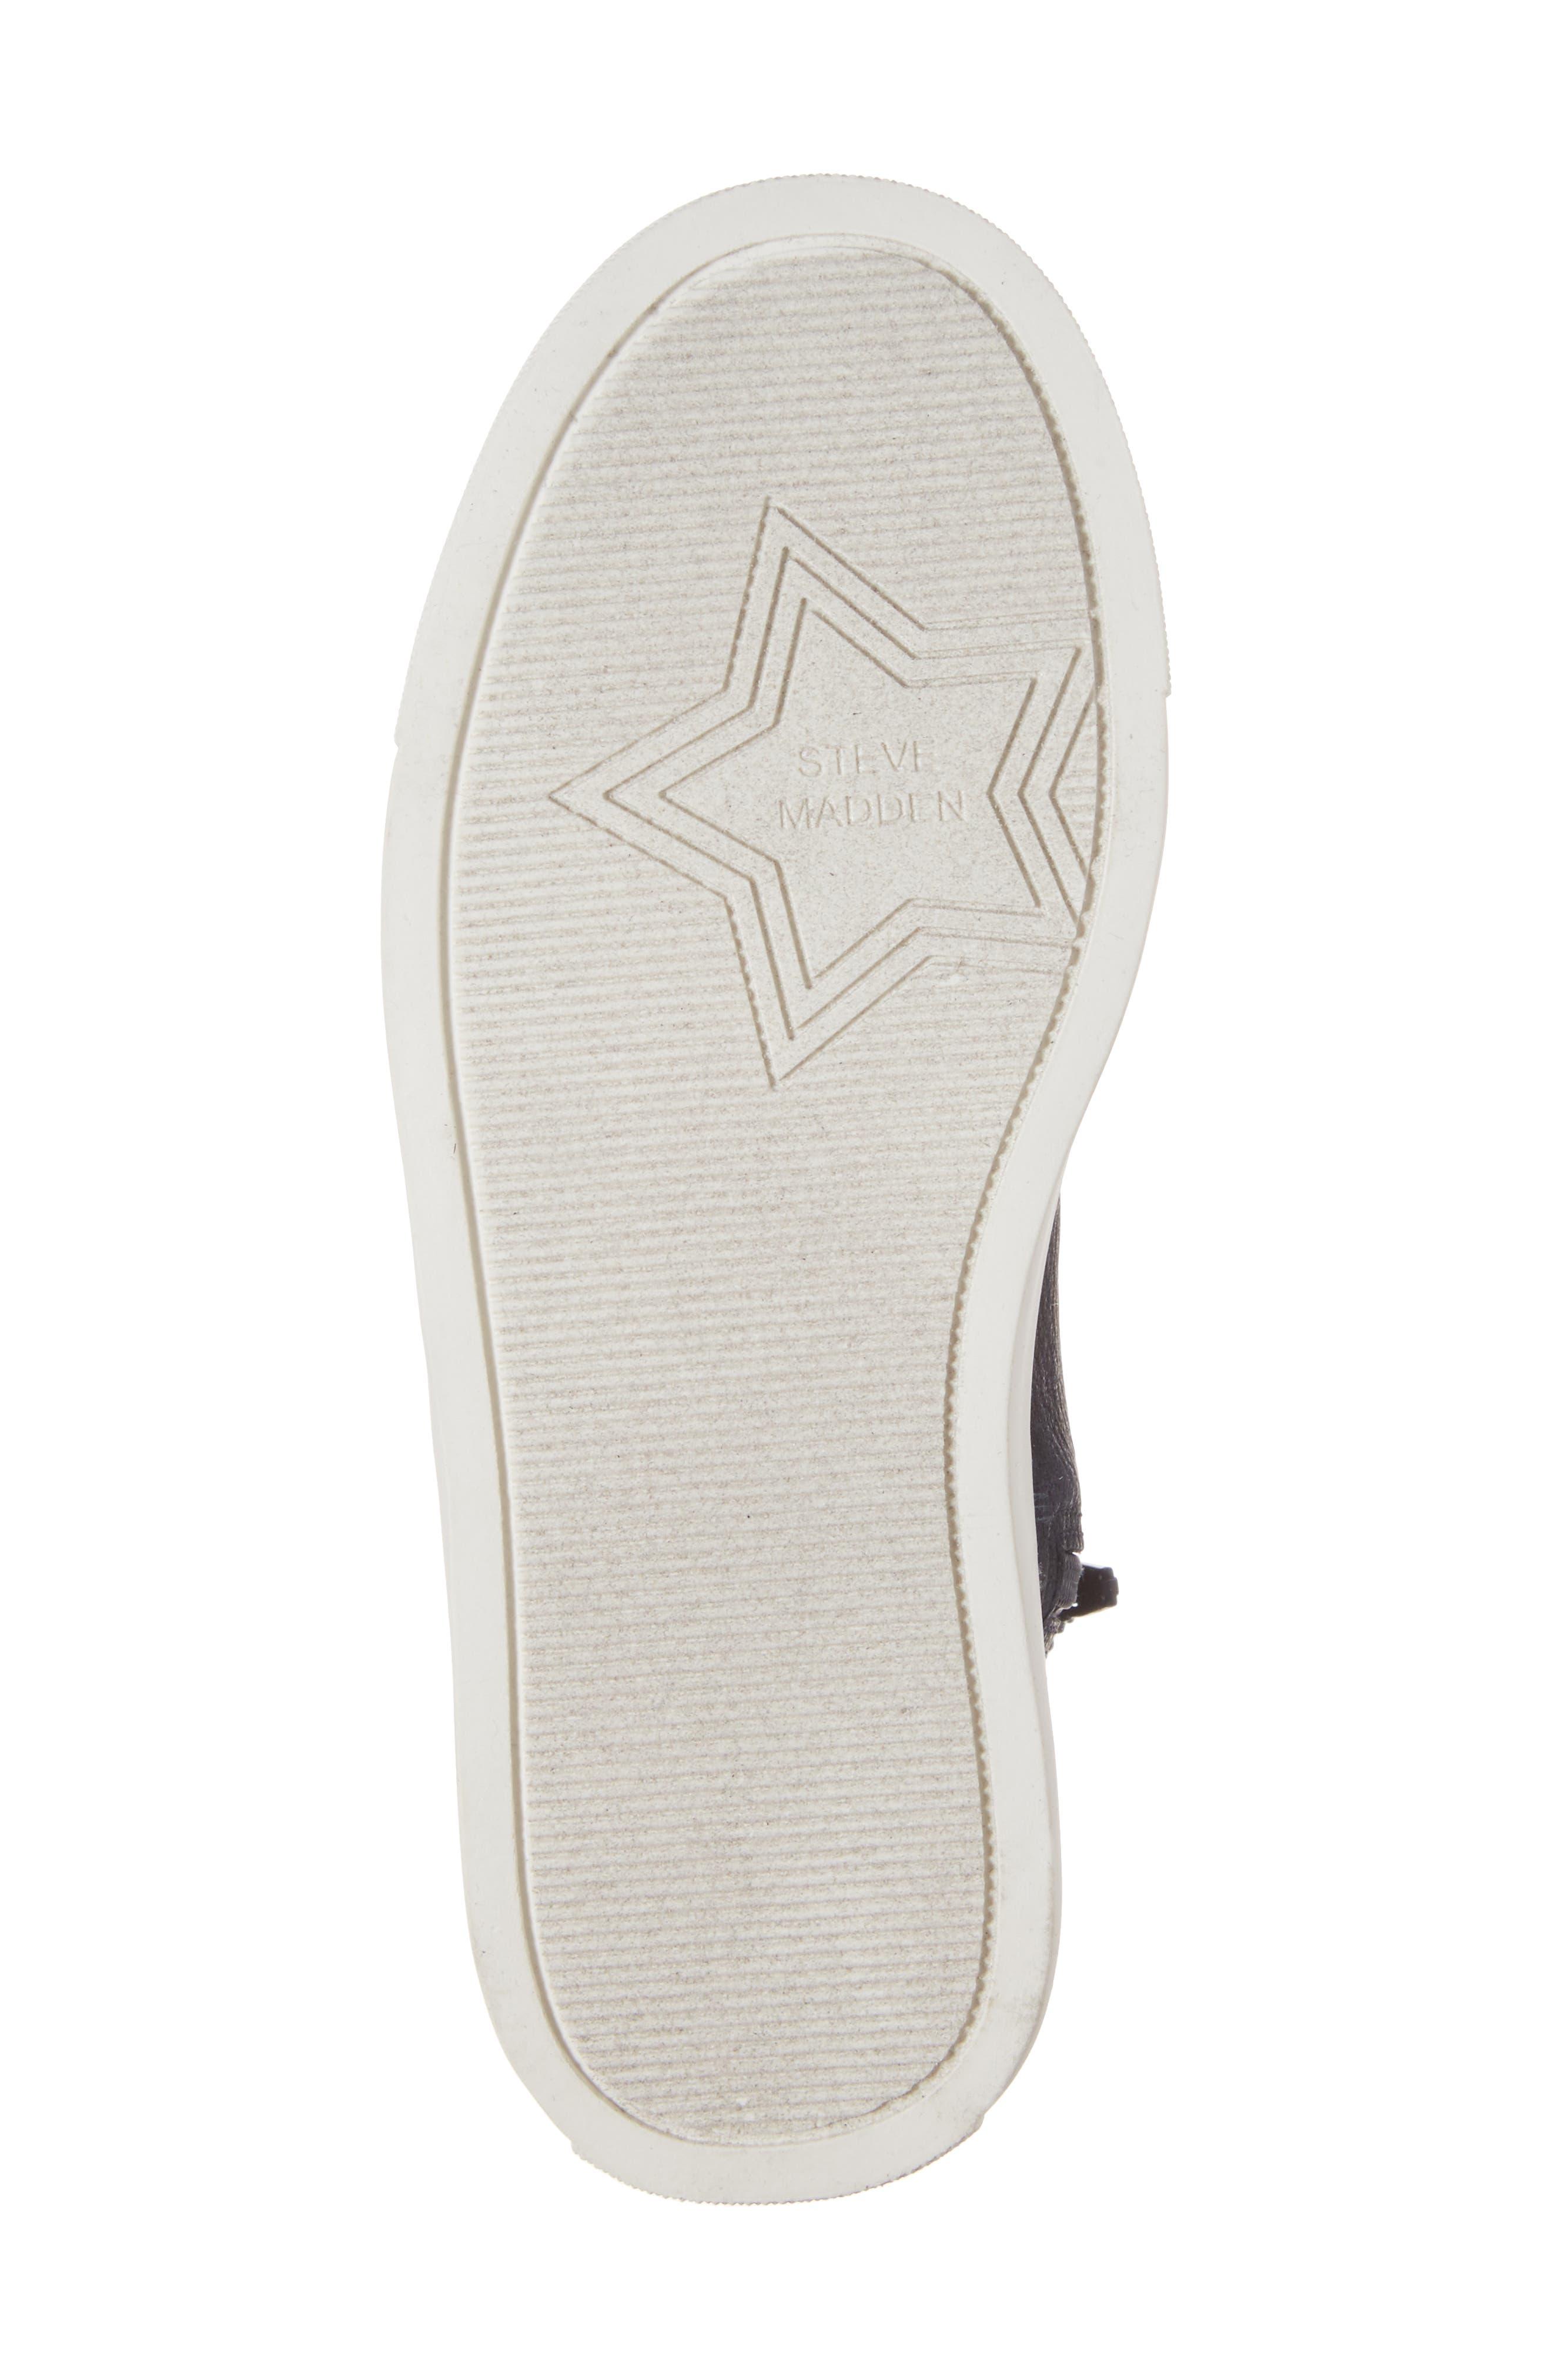 Jflash Glitter Star High Top Sneaker,                             Alternate thumbnail 6, color,